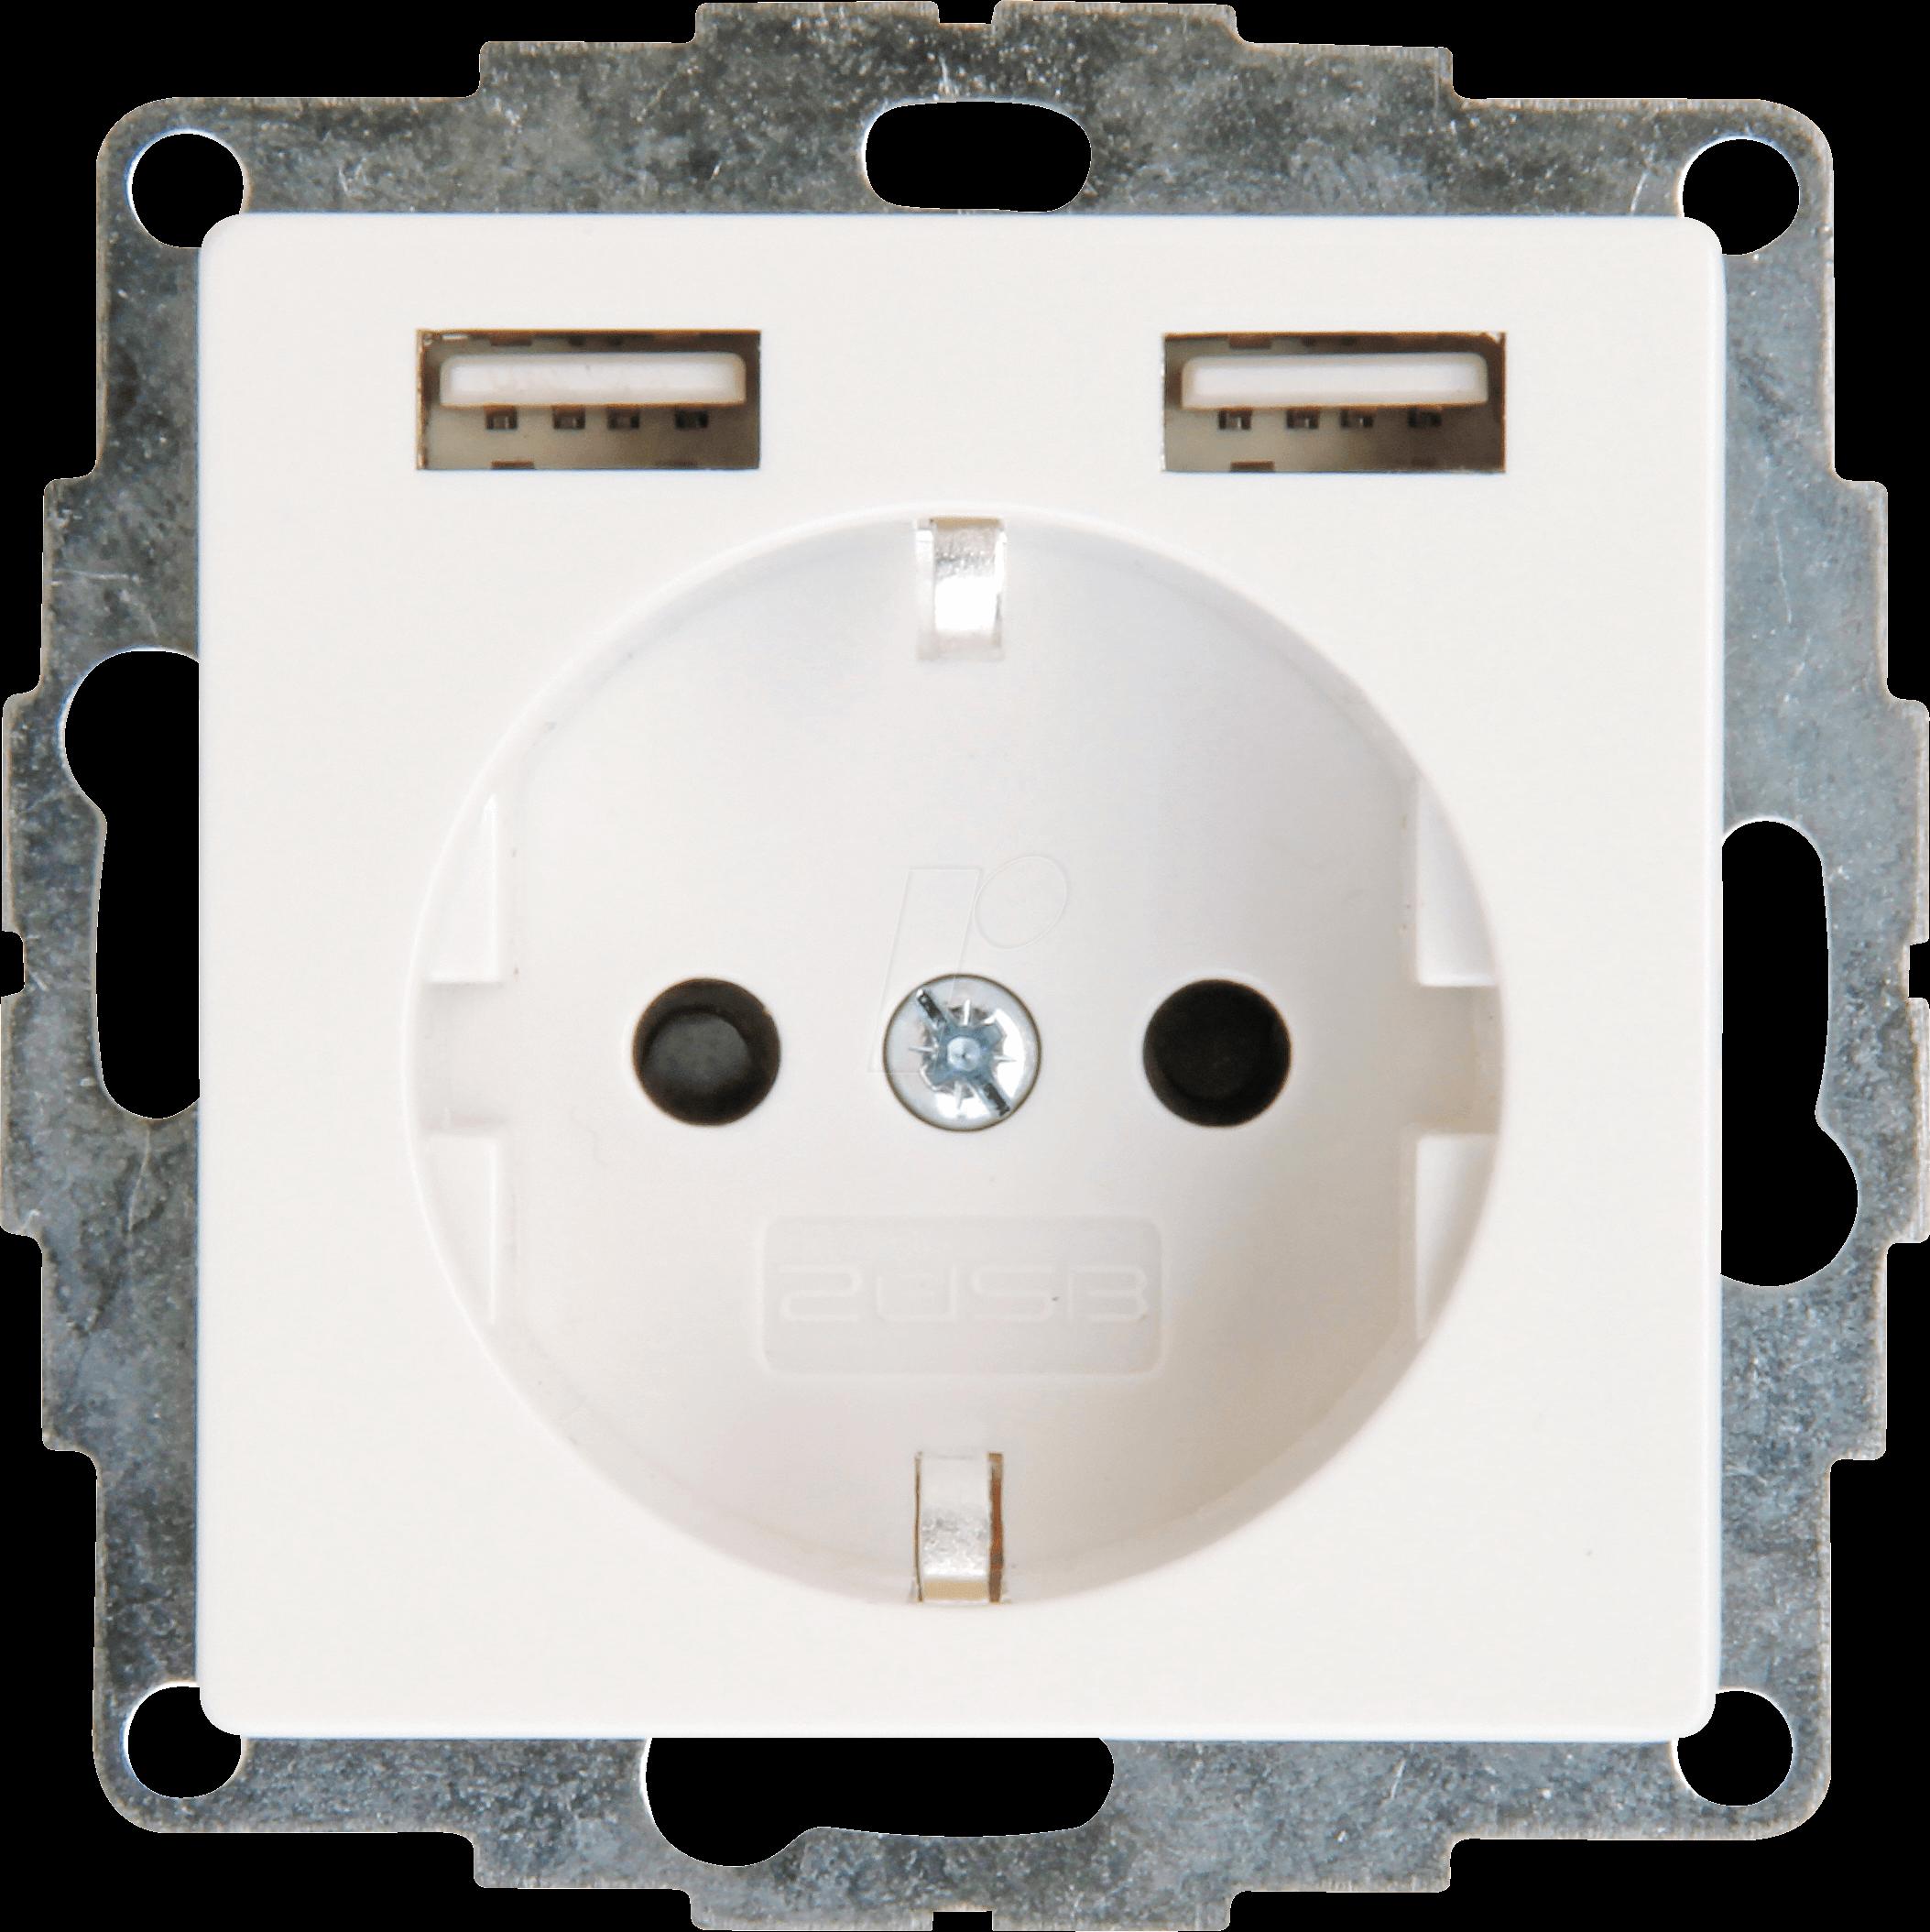 USB Schuko Wandsteckdose Passt in Standard 2-fach Unterputzdose Schutzkontakt USB Steckdose Unterputz System 55 Reinwei/ß gl/änzend wei/ß T/ÜV gepr/üft Doppelsteckdose mit 4 x USB Anschluss